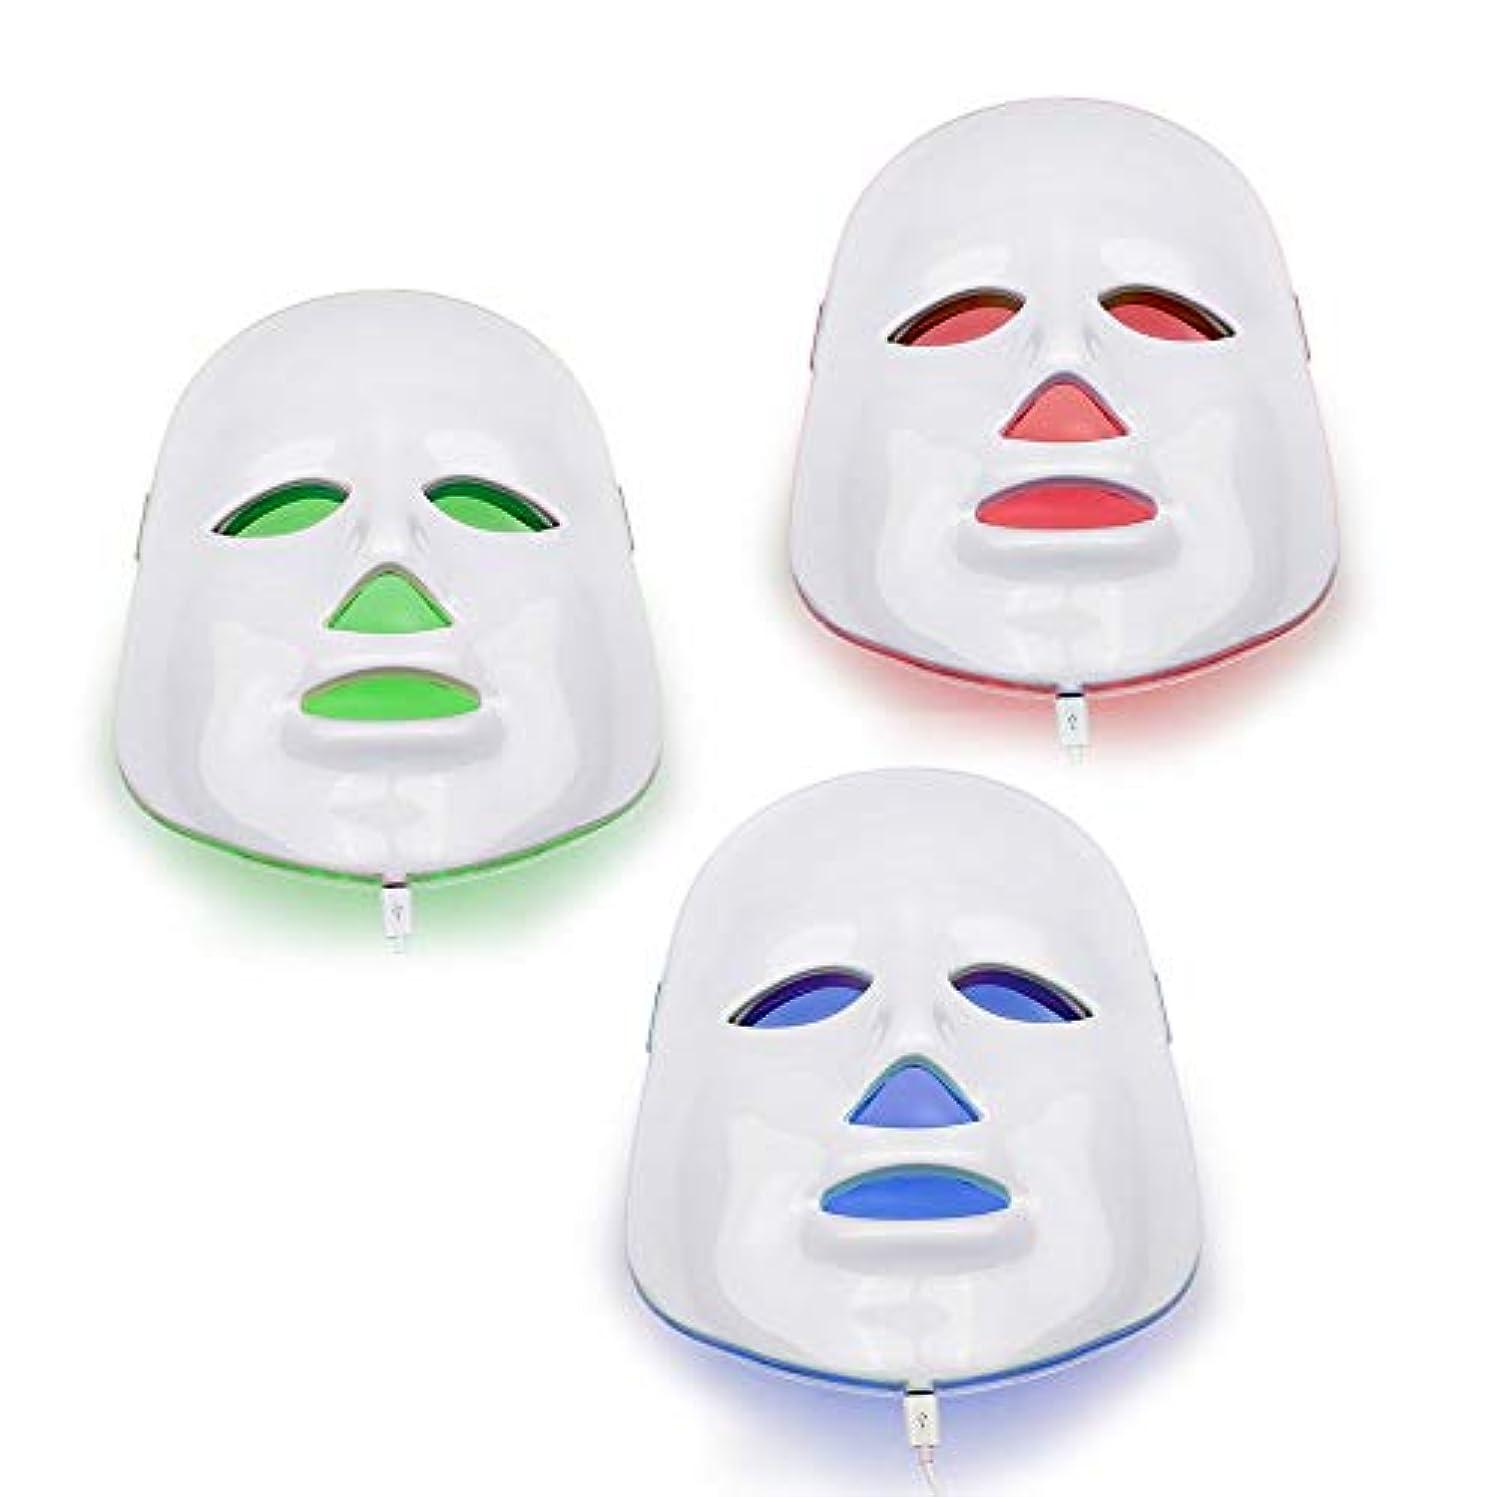 再撮りおもちゃ単調なNORLANYA BEAUTY EQUIPMENT マスク顔光線療法フェイシャルスキンケアマスカラは皮膚 調色しわ除去 用 光を主導主導しました